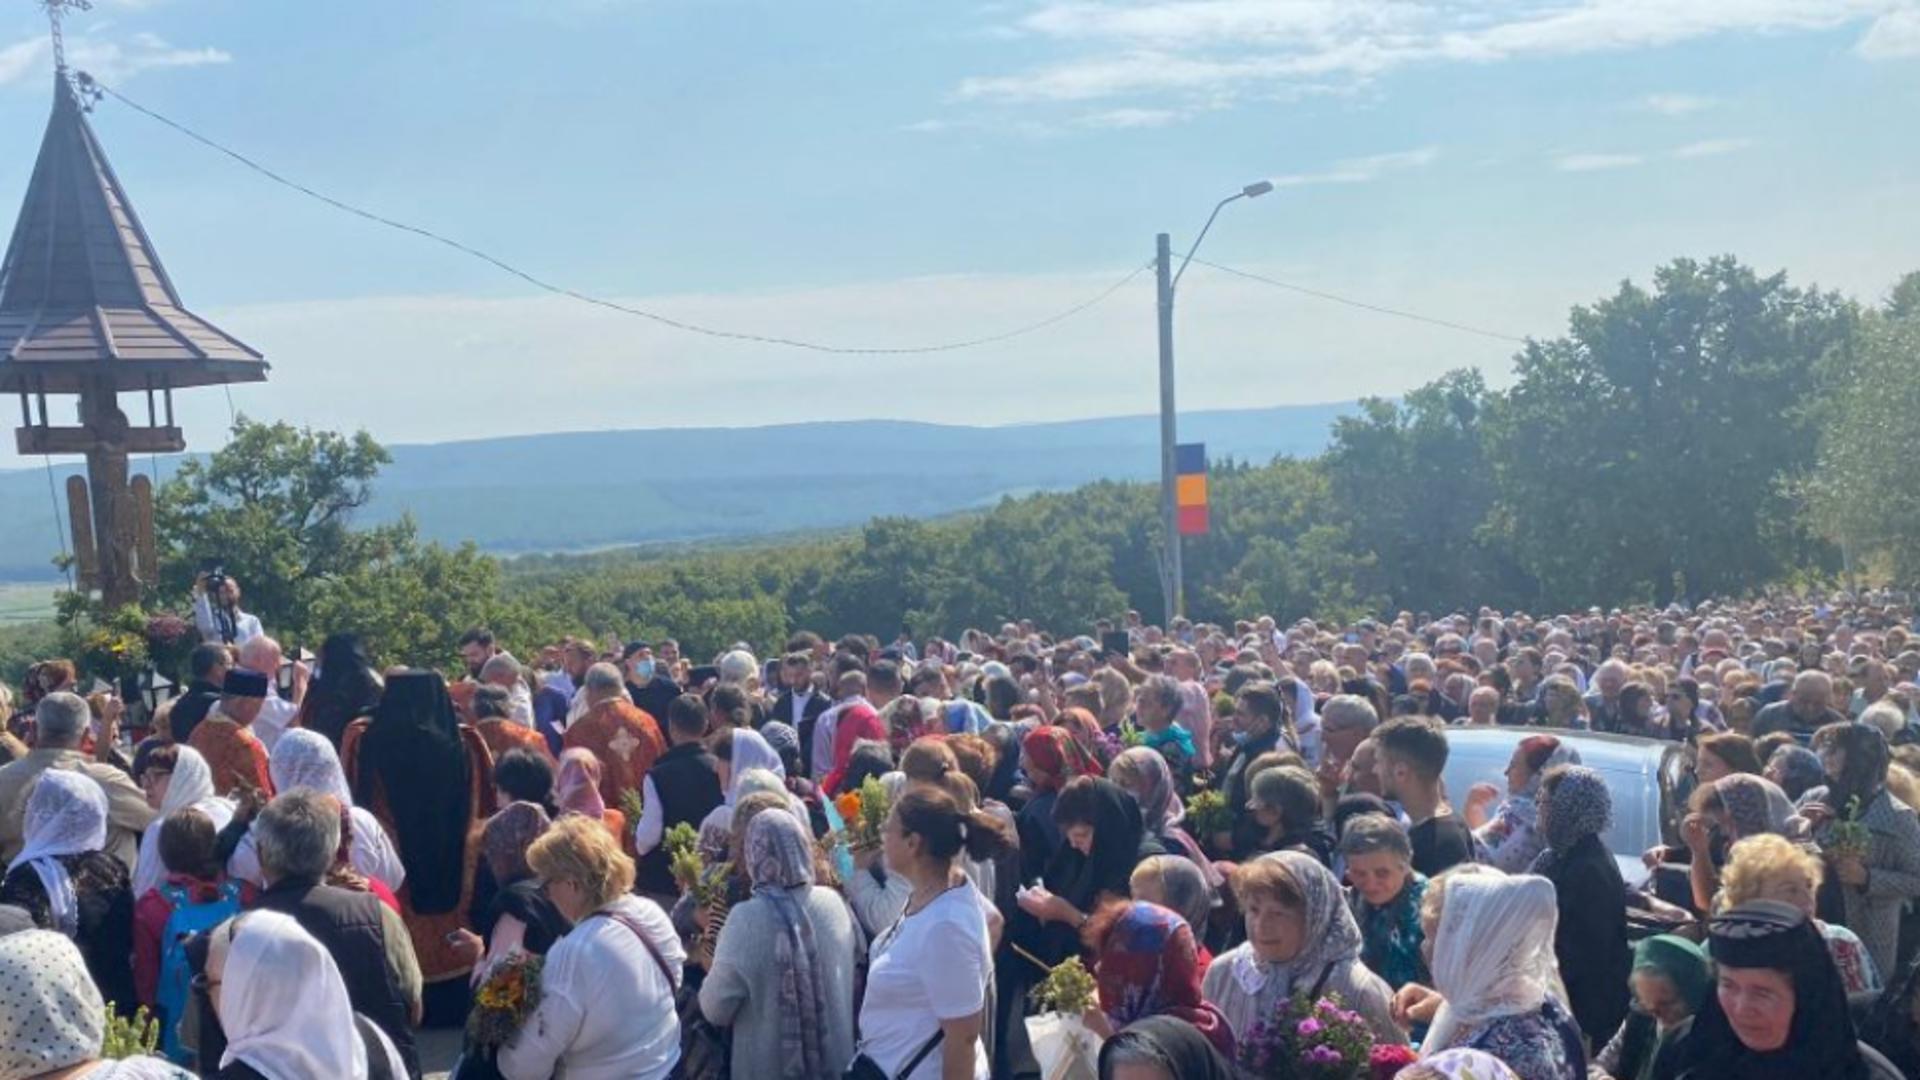 SUTE de credincioși la Drumul Crucii - Calea Durerii lui Iisus Hristos, refăcută în Moldova